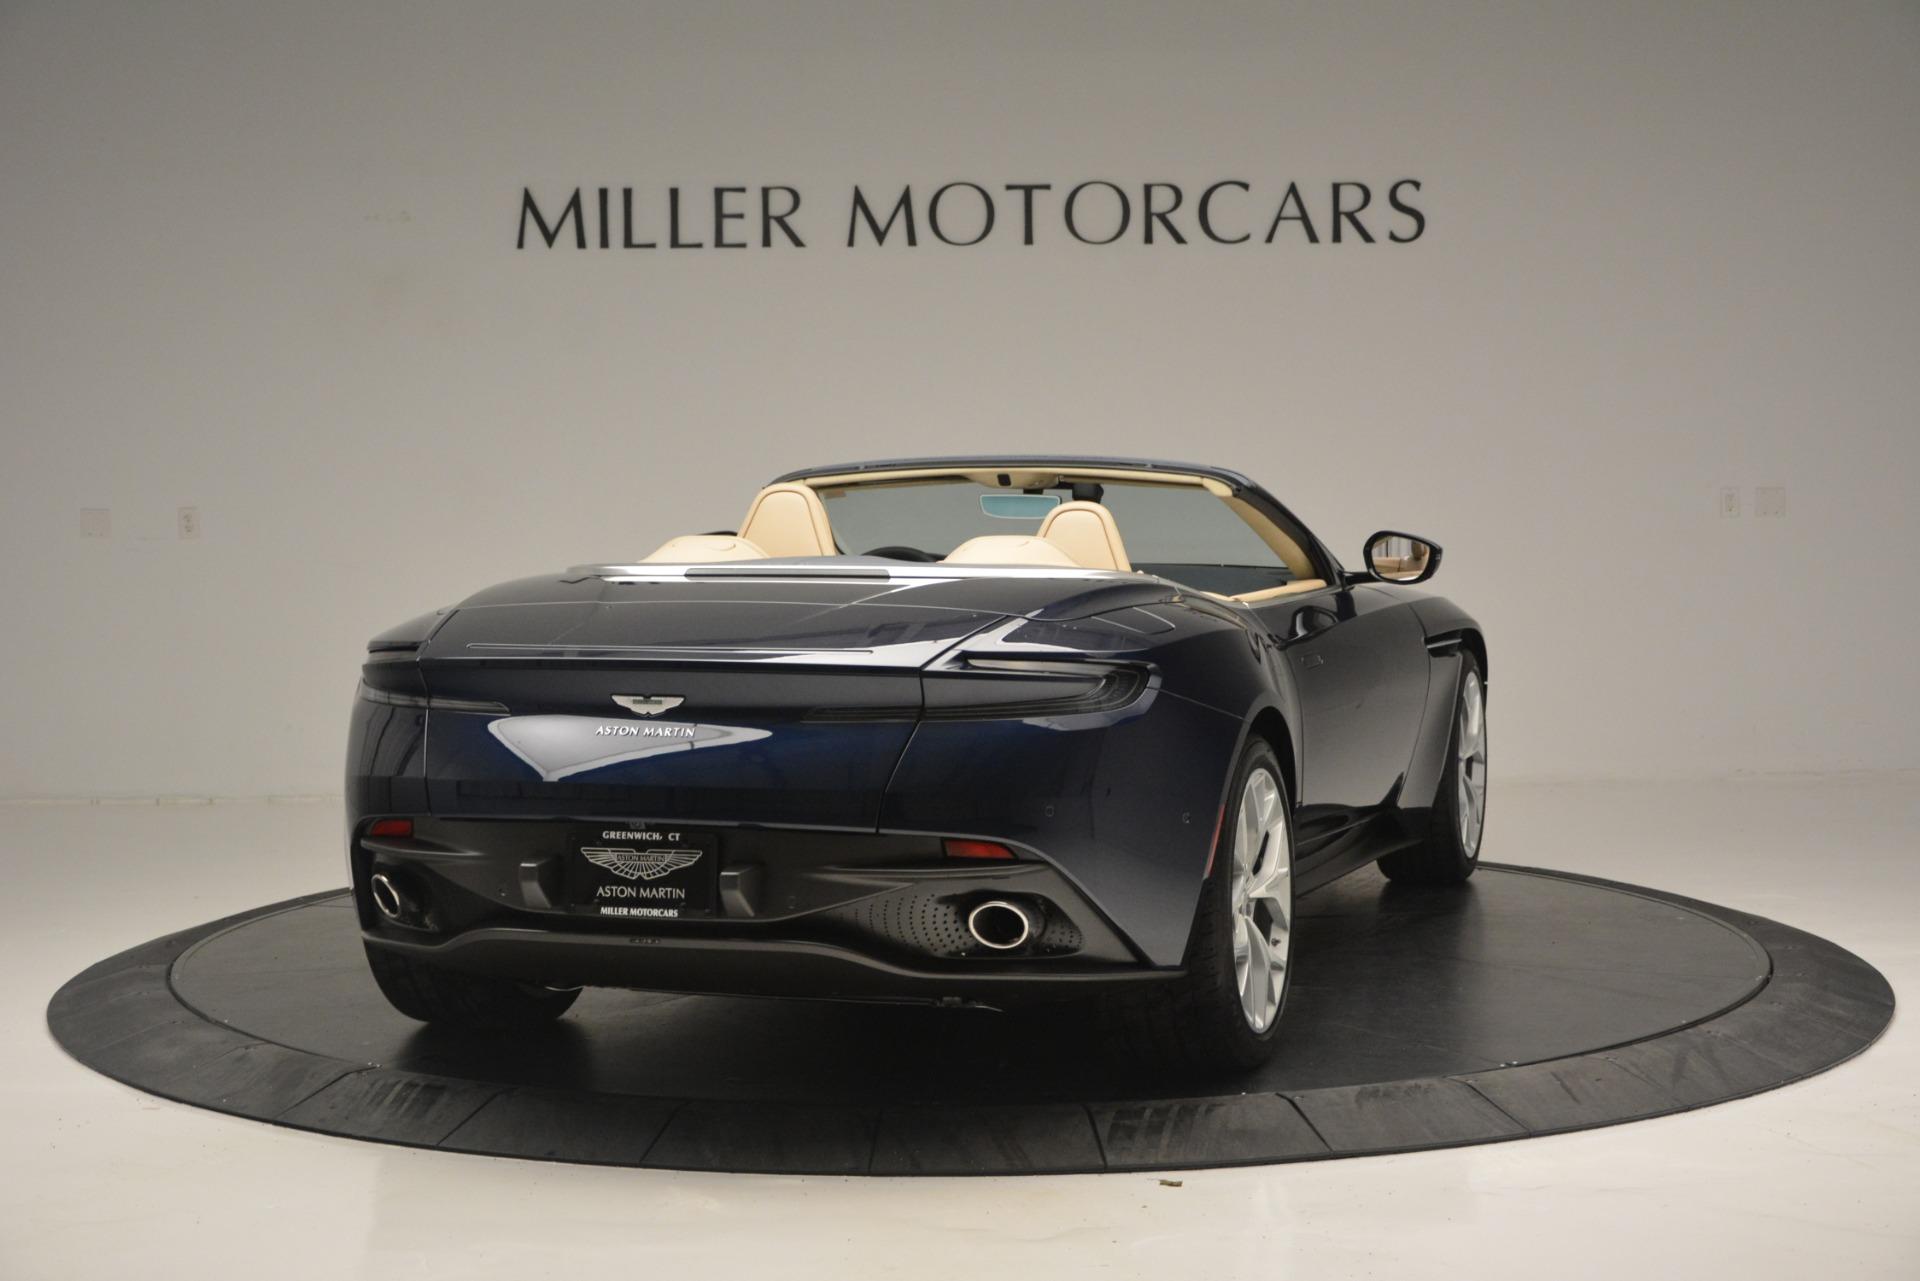 New 2019 Aston Martin DB11 Volante Volante For Sale In Greenwich, CT 2594_p7